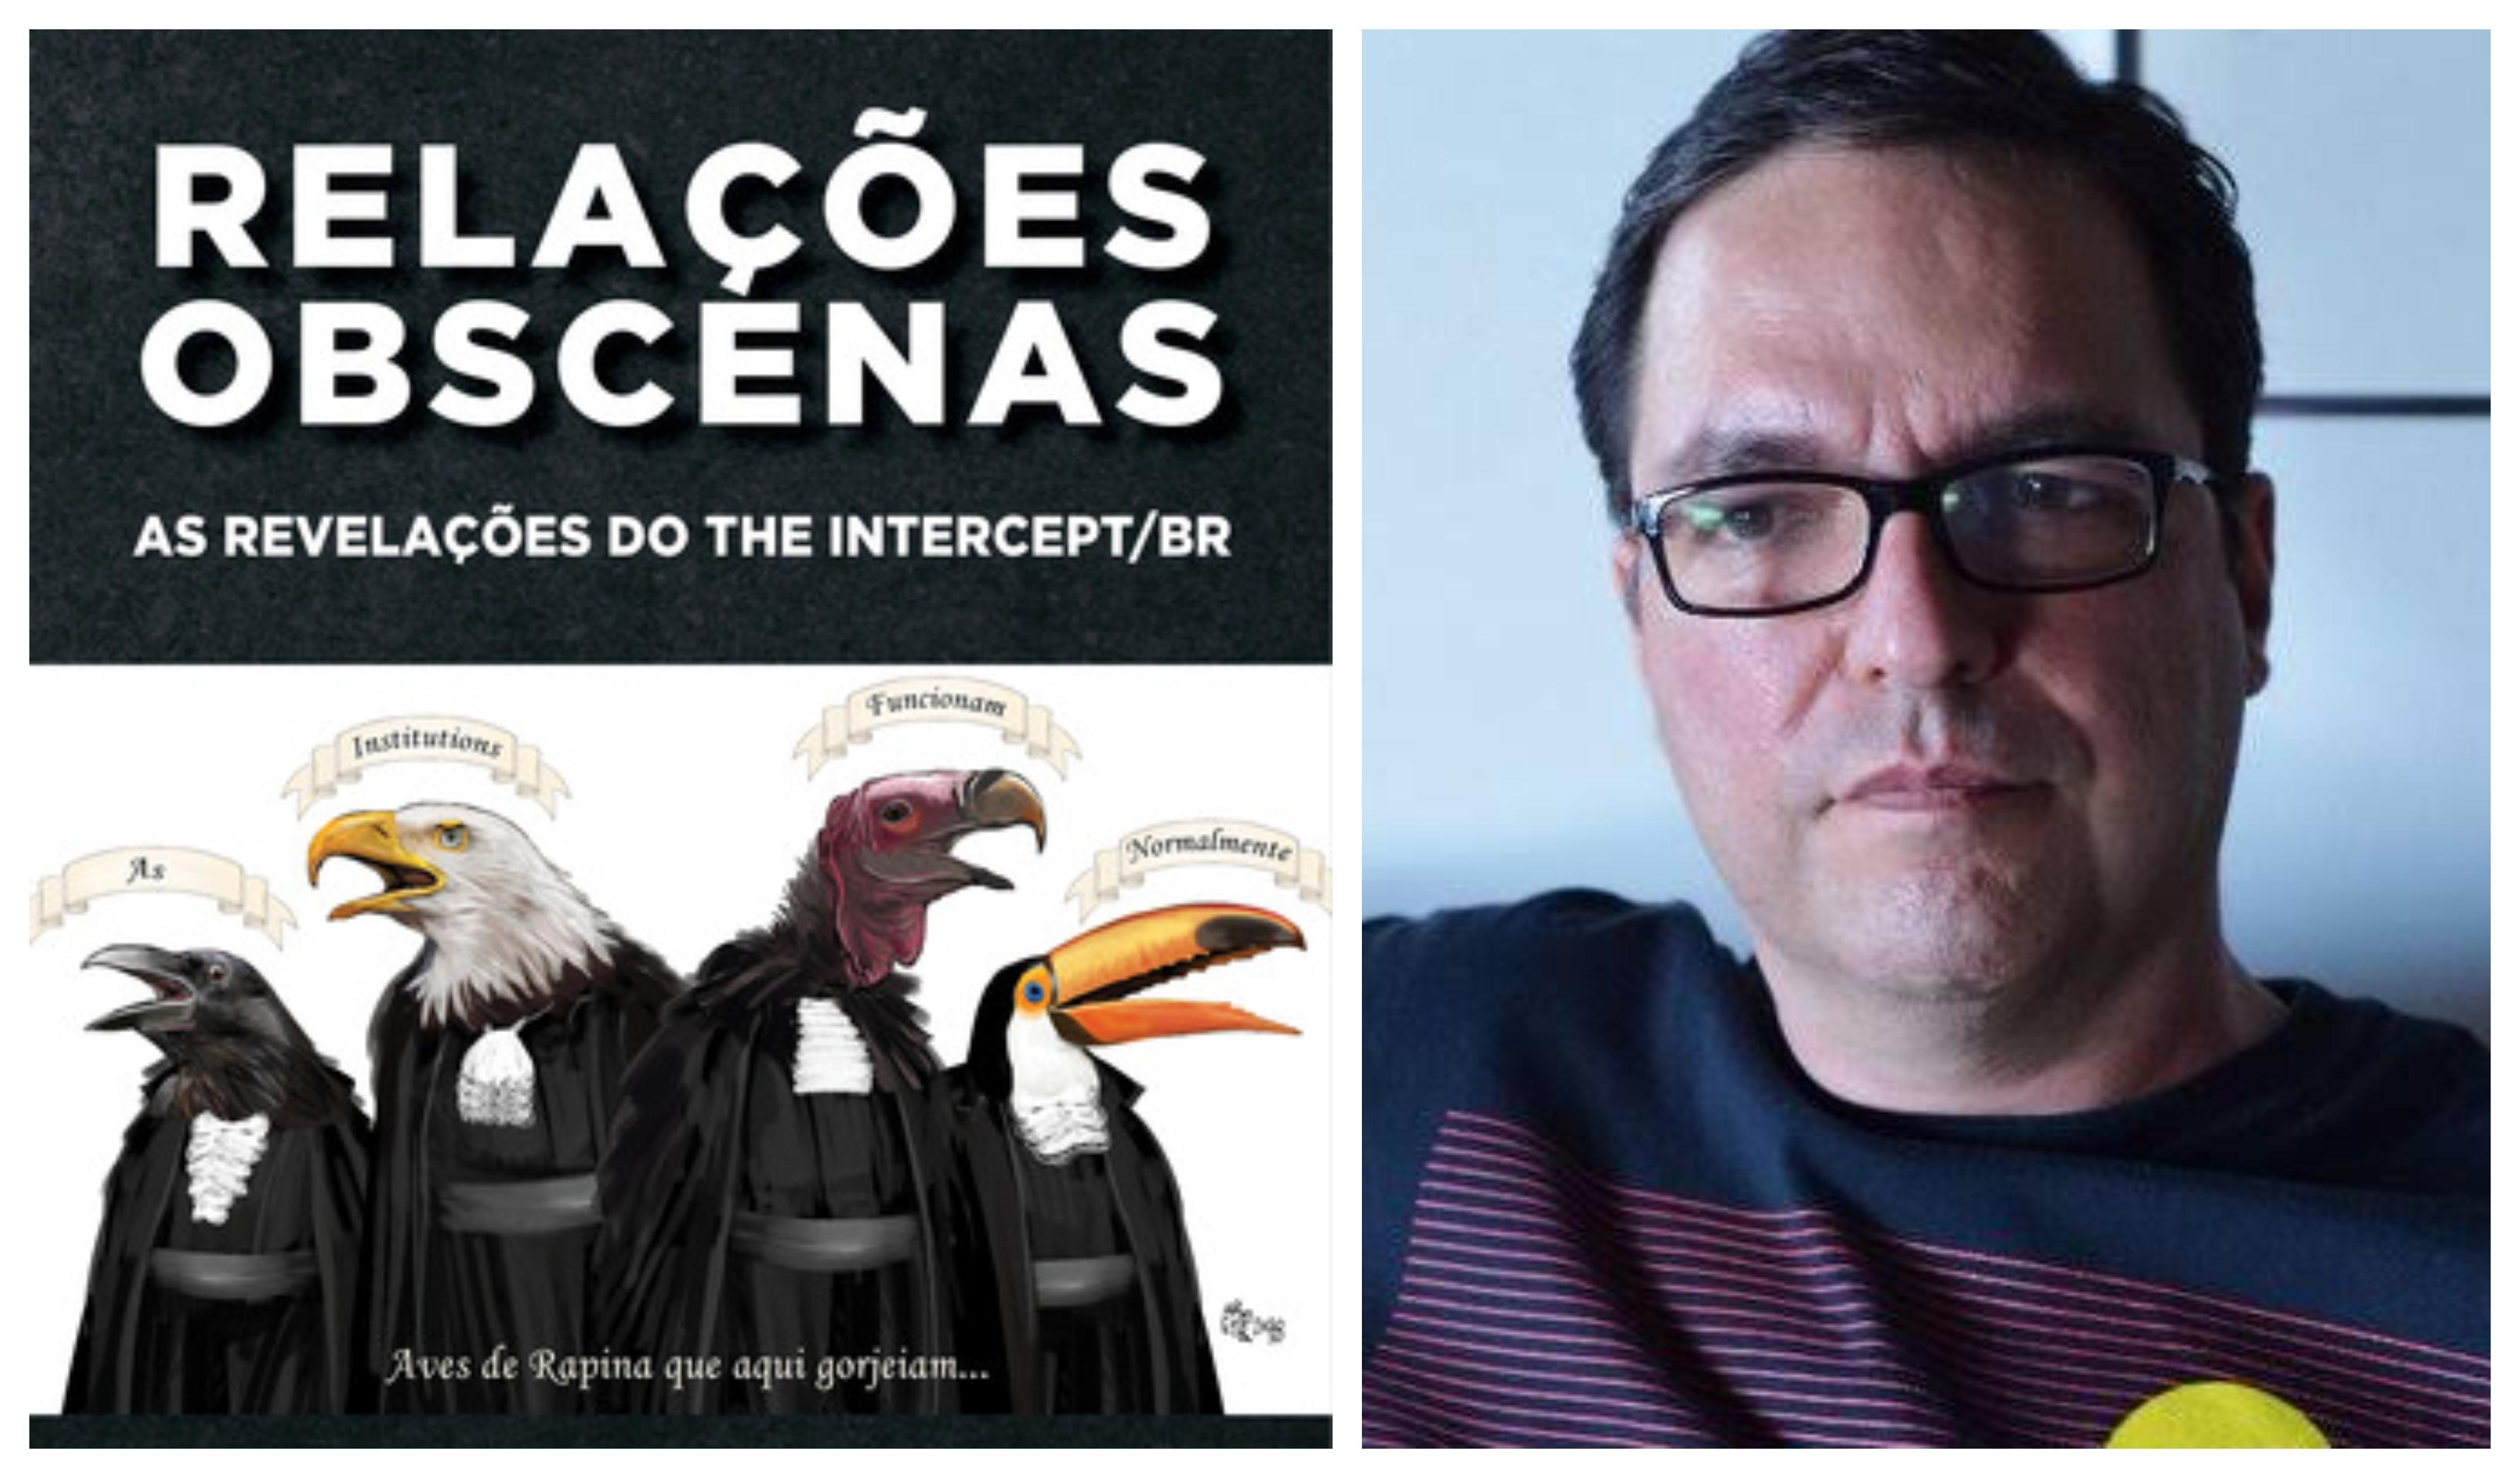 Exclusivo, artigo de Luís Felipe Miguel em Relações Obscenas: É com o nome de 'Conspiração Lava Jato' que operação passará à história; leia íntegra